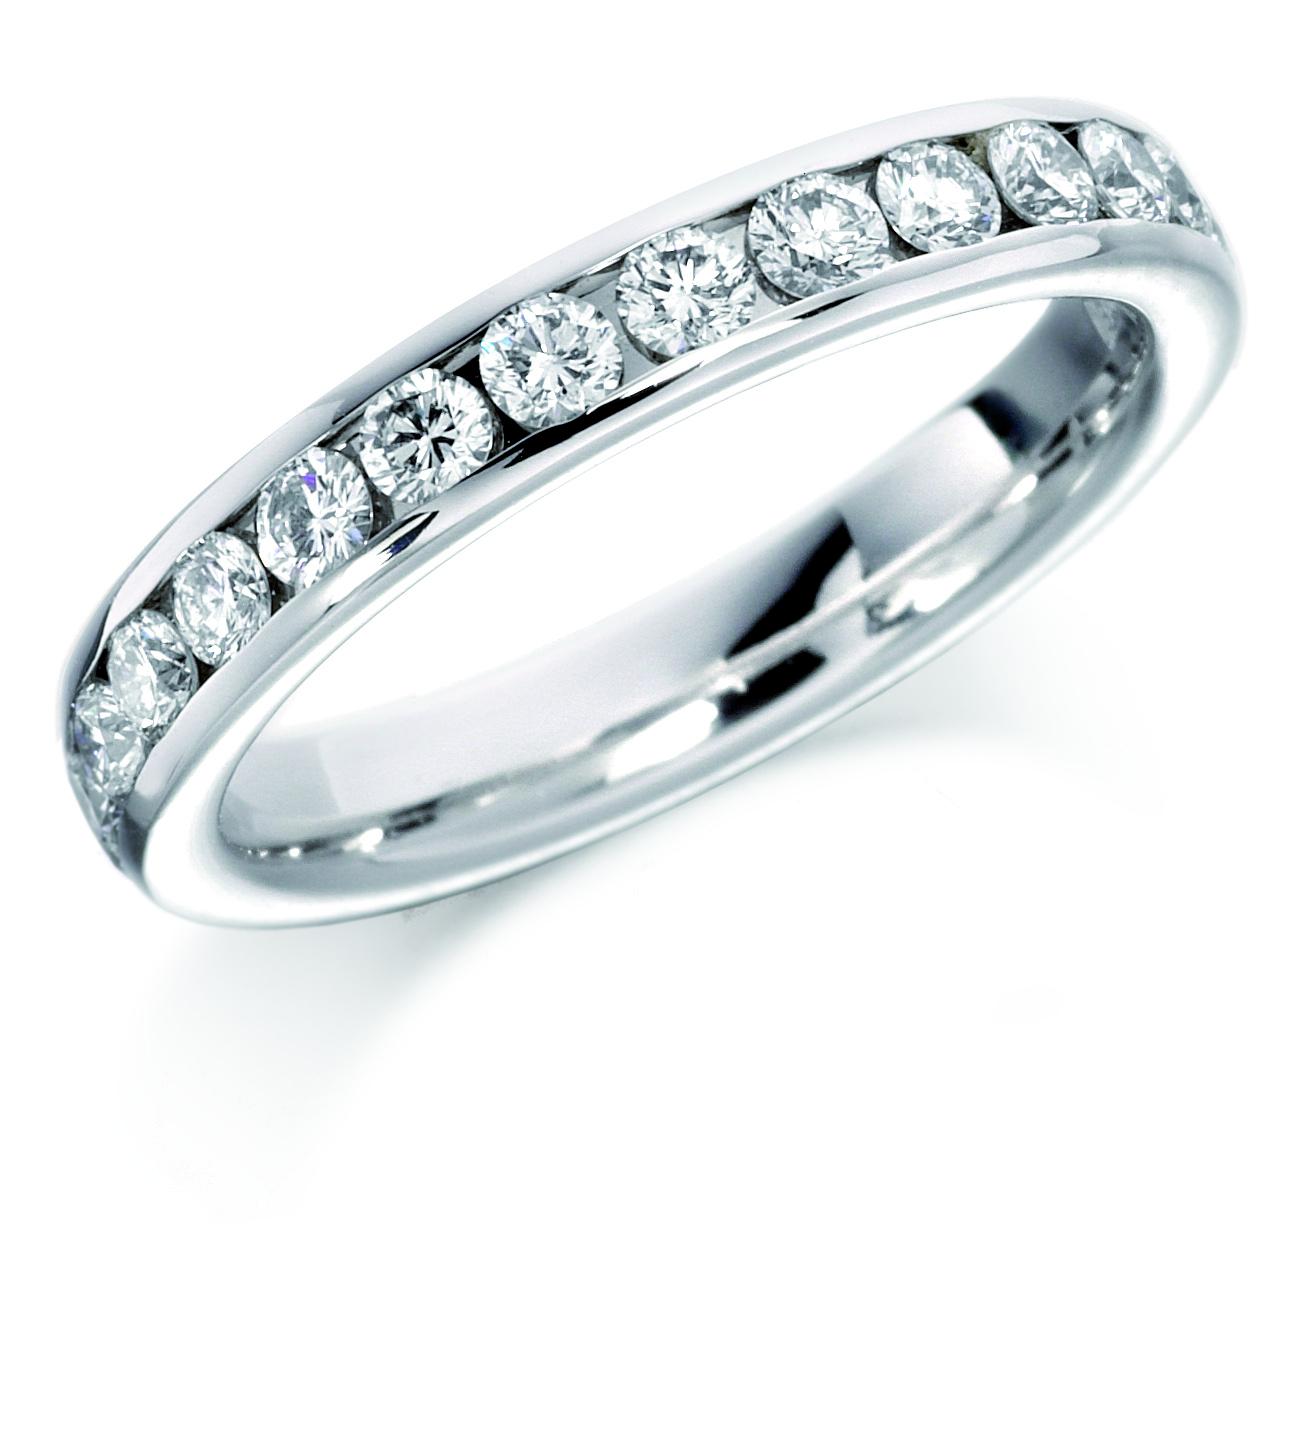 18 Carat White Gold Channel Set Full Eternity Ring 1 08